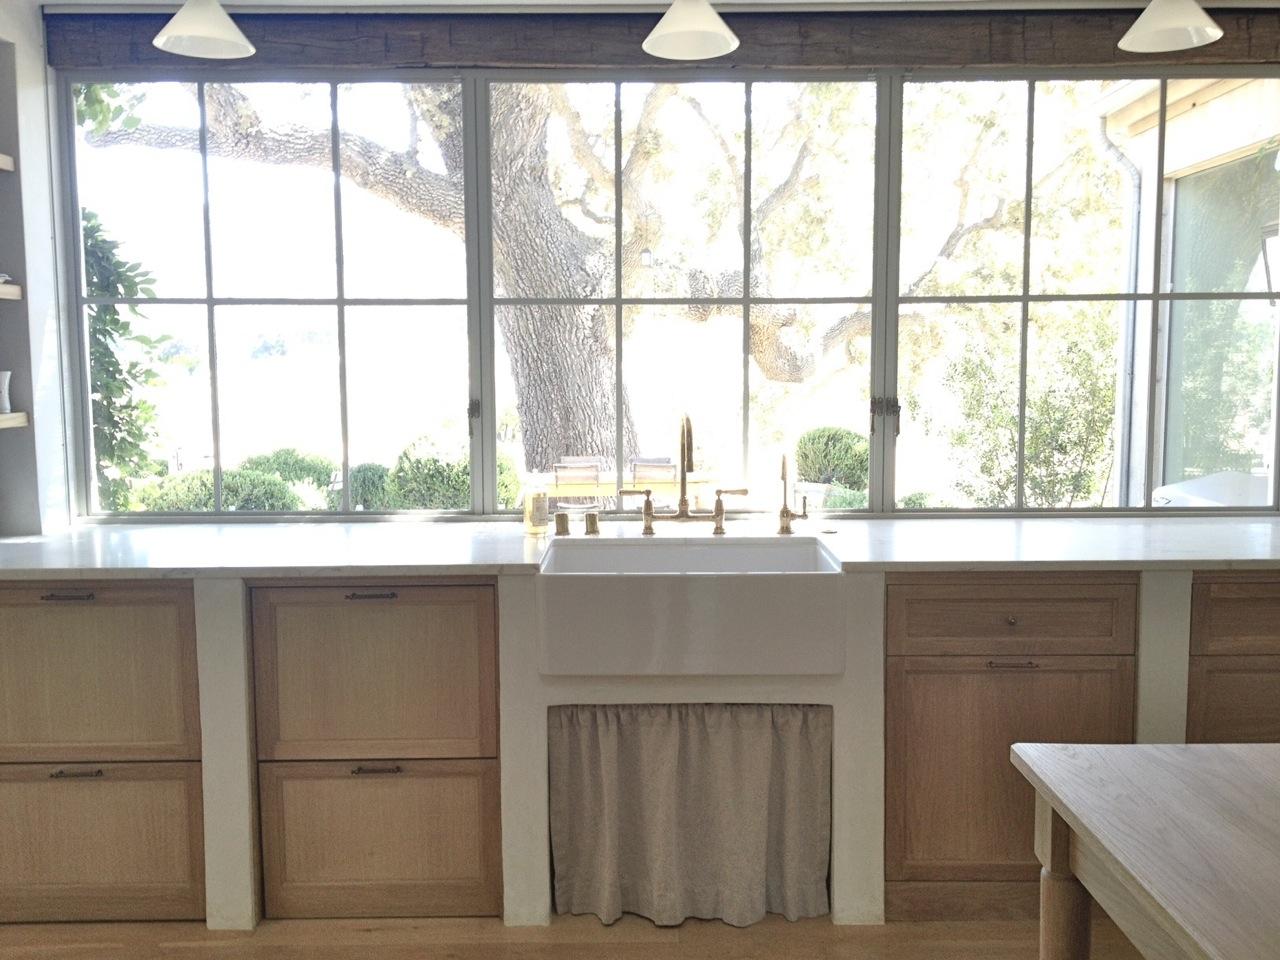 8 Stunning Farmhouse Kitchen Design Ideas!